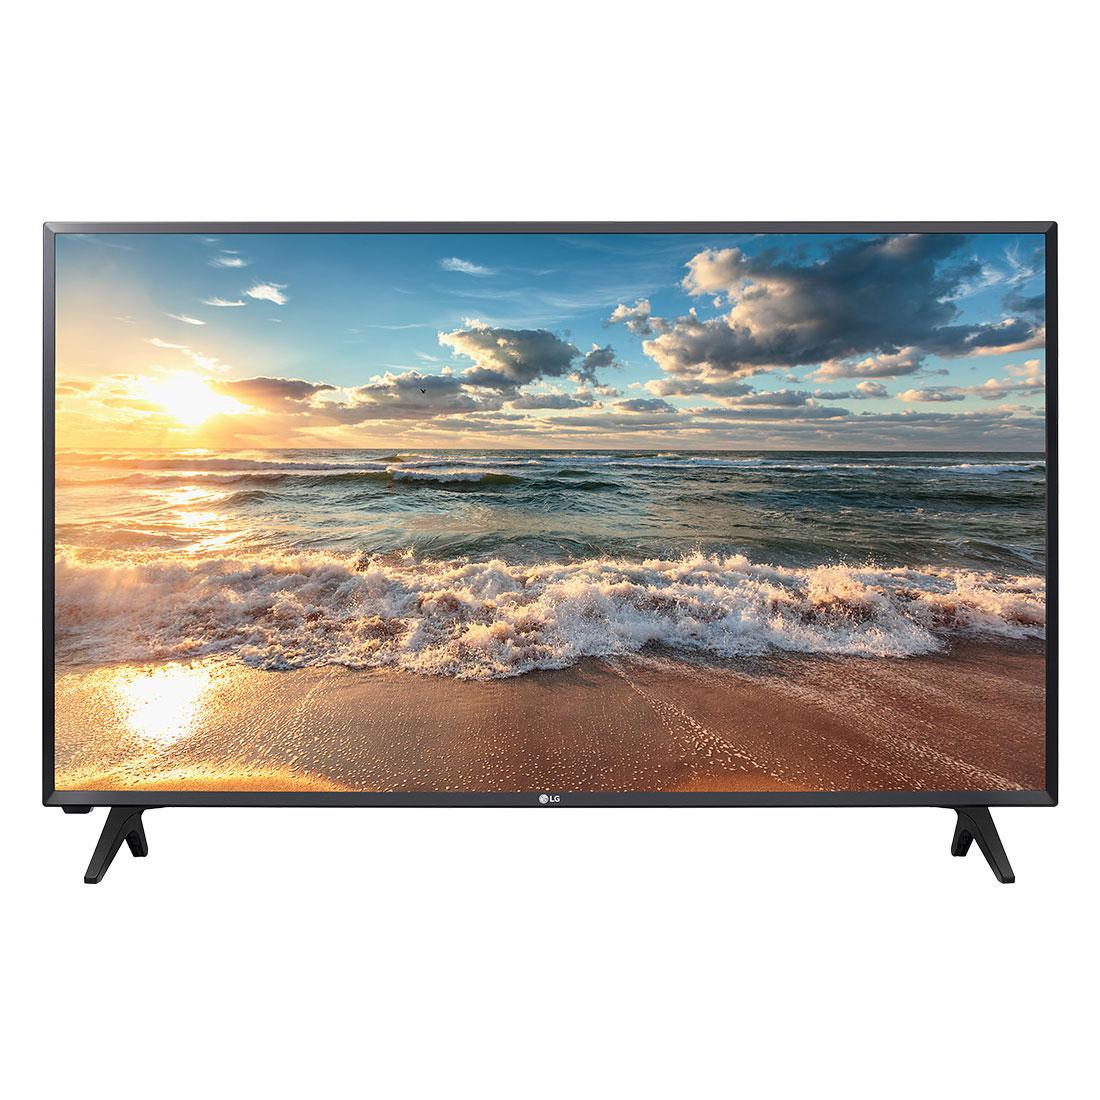 Tv 32 Pouces Achat Vente Tv 32 Pouces Sur Ldlc Com # Comment Brancher Meuble Tv Felson